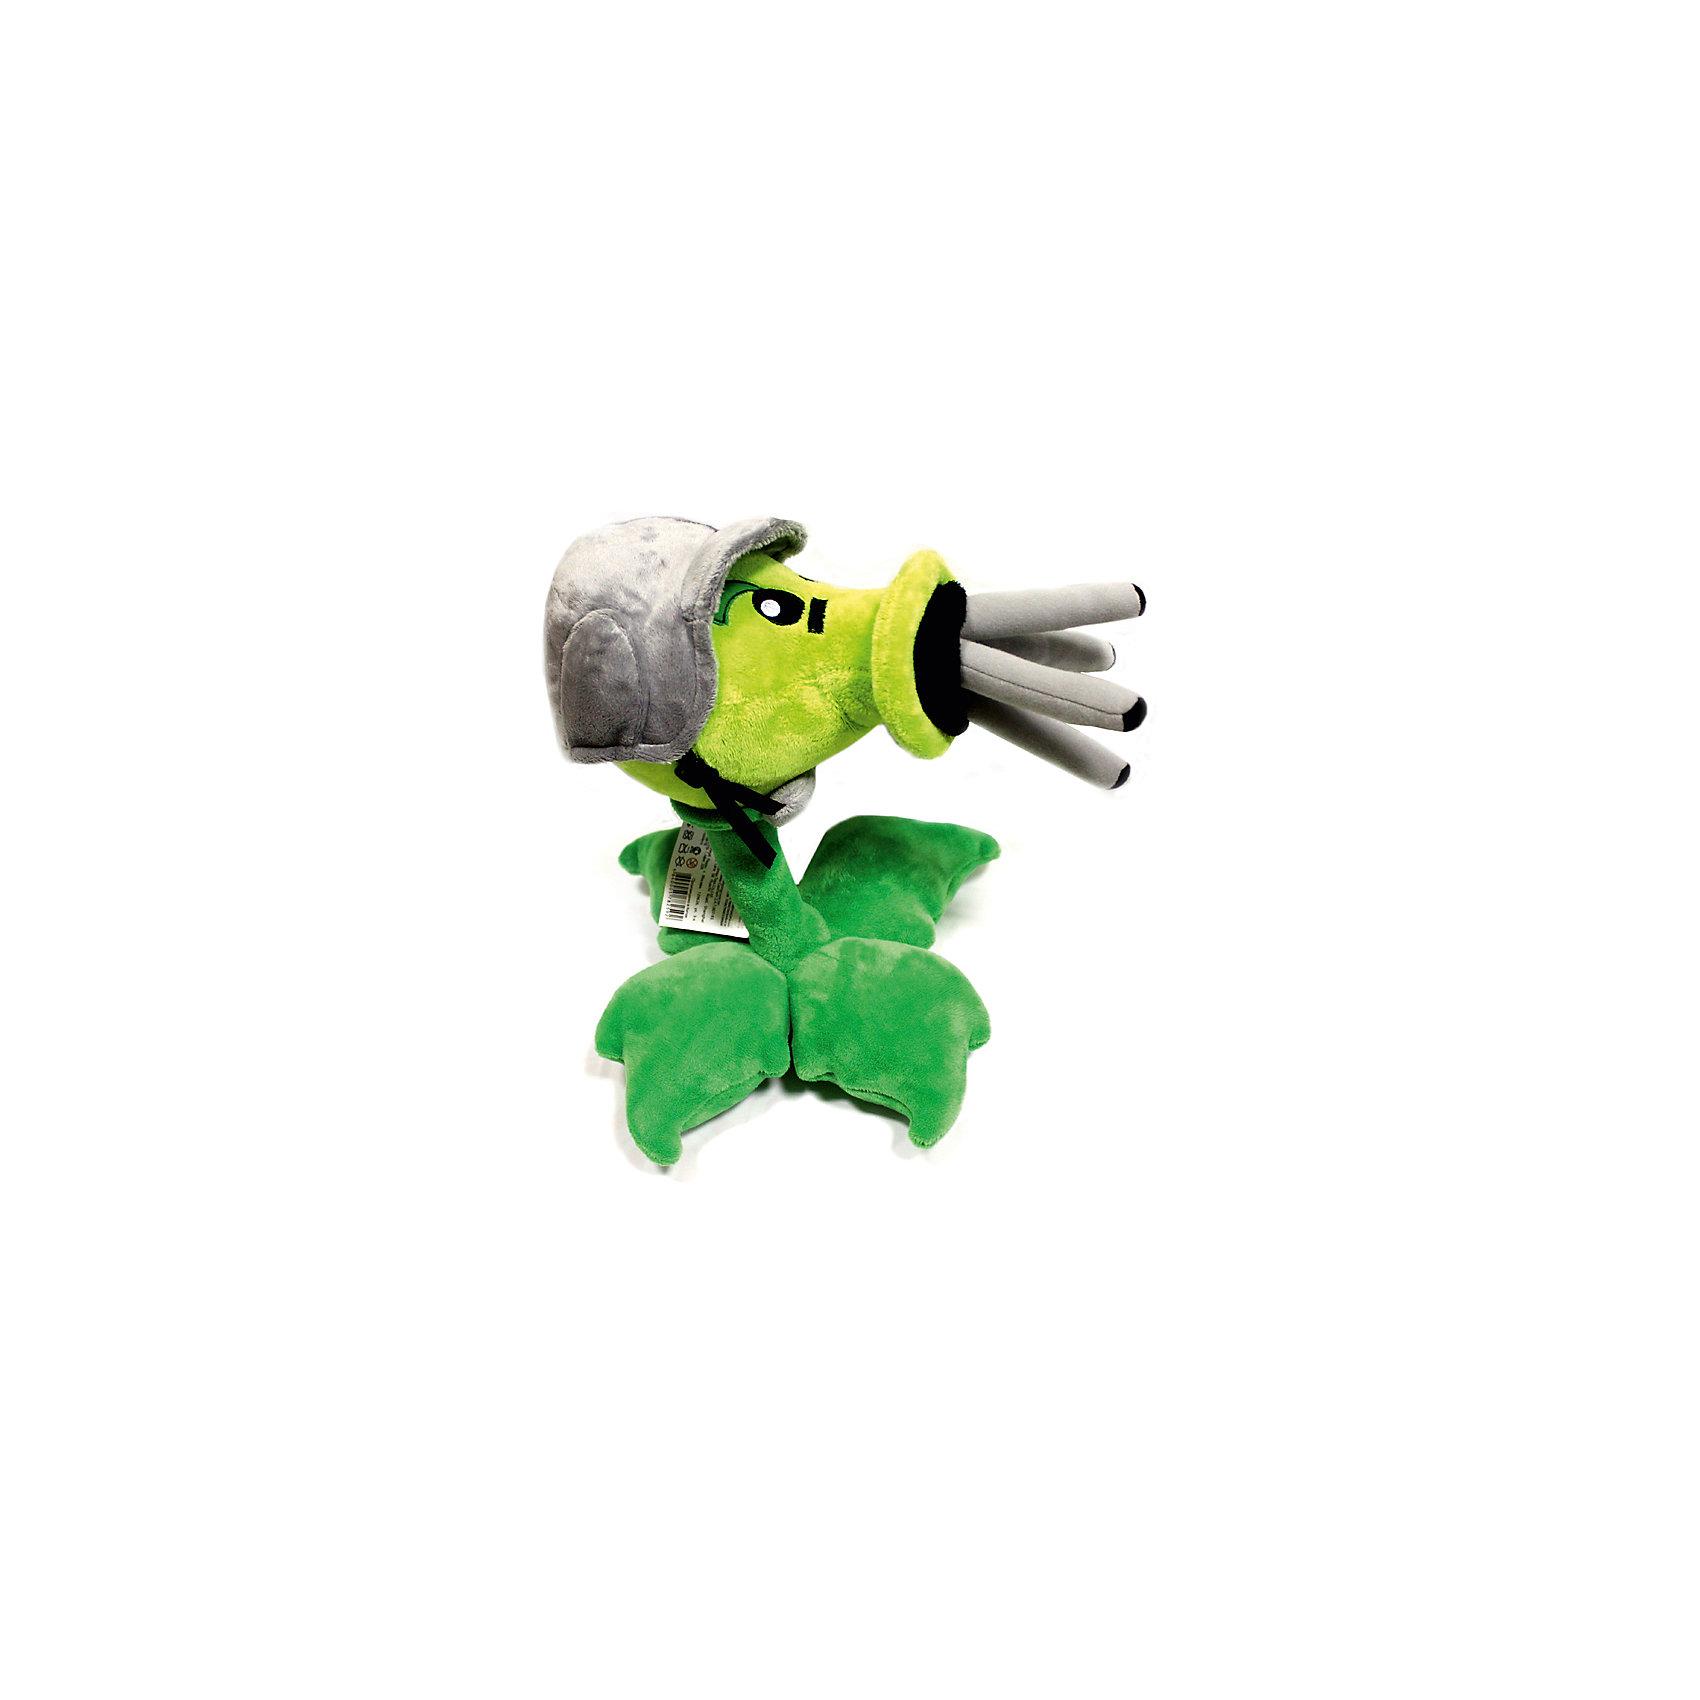 Плюшевая игрушка Горохострел Пулемет, 30 см, Растения против Зомби<br><br>Ширина мм: 30<br>Глубина мм: 24<br>Высота мм: 22<br>Вес г: 285<br>Возраст от месяцев: 36<br>Возраст до месяцев: 1188<br>Пол: Унисекс<br>Возраст: Детский<br>SKU: 4250650